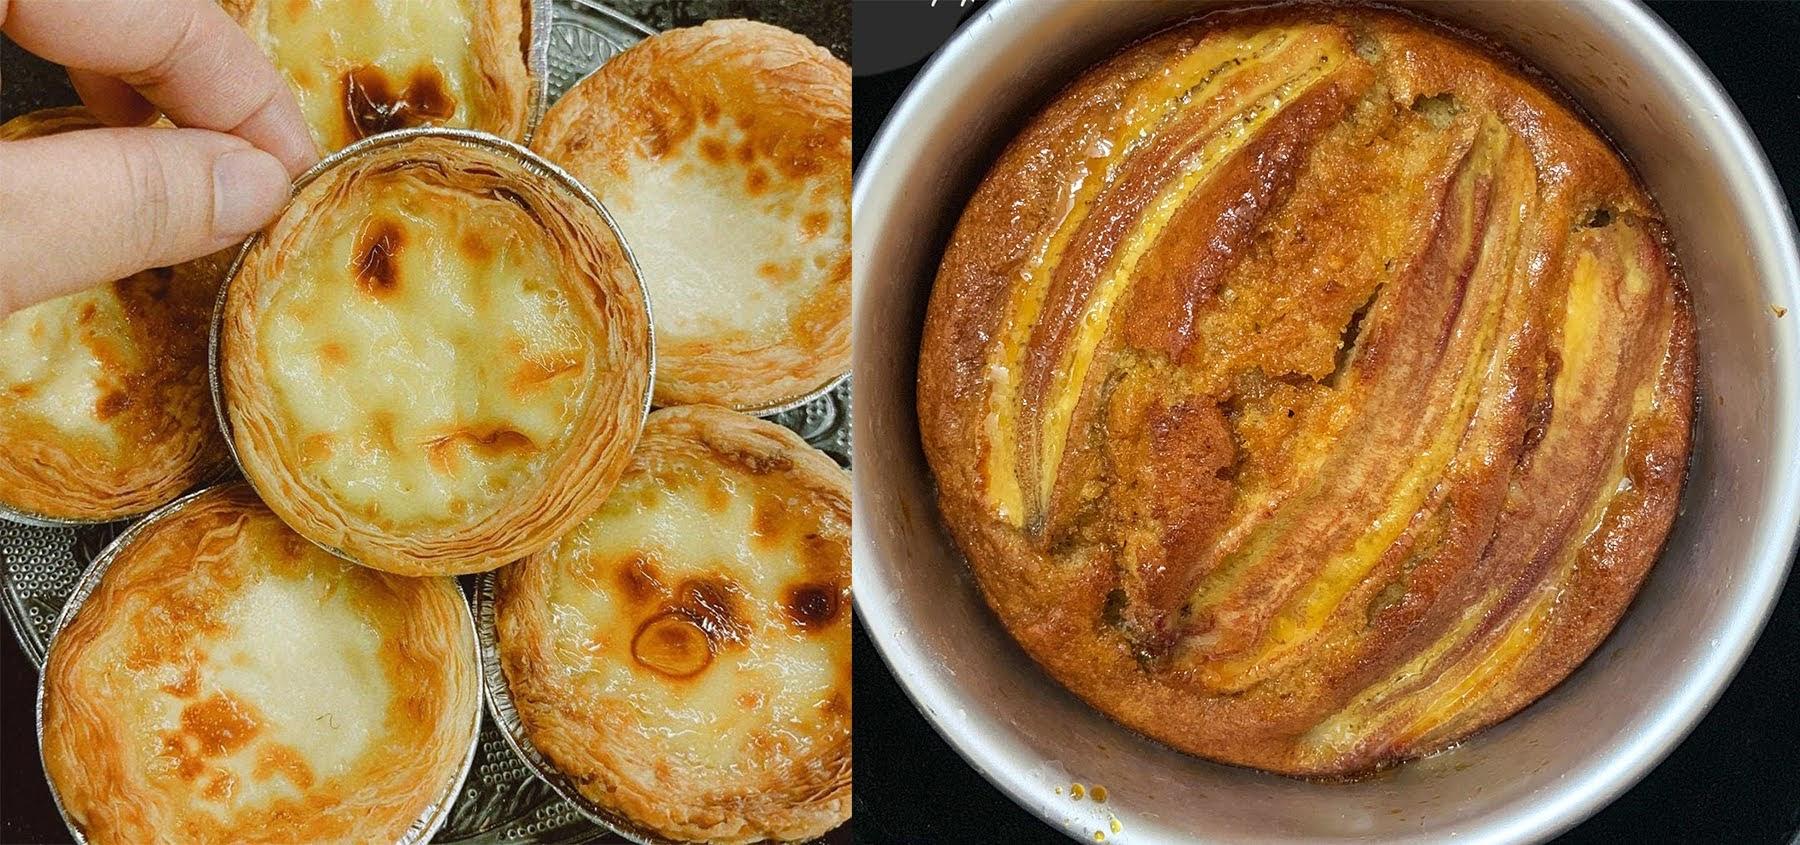 Công thức 10 món bánh ăn vặt ngon tuyệt, làm nhanh chóng bằng nồi chiên không dầu